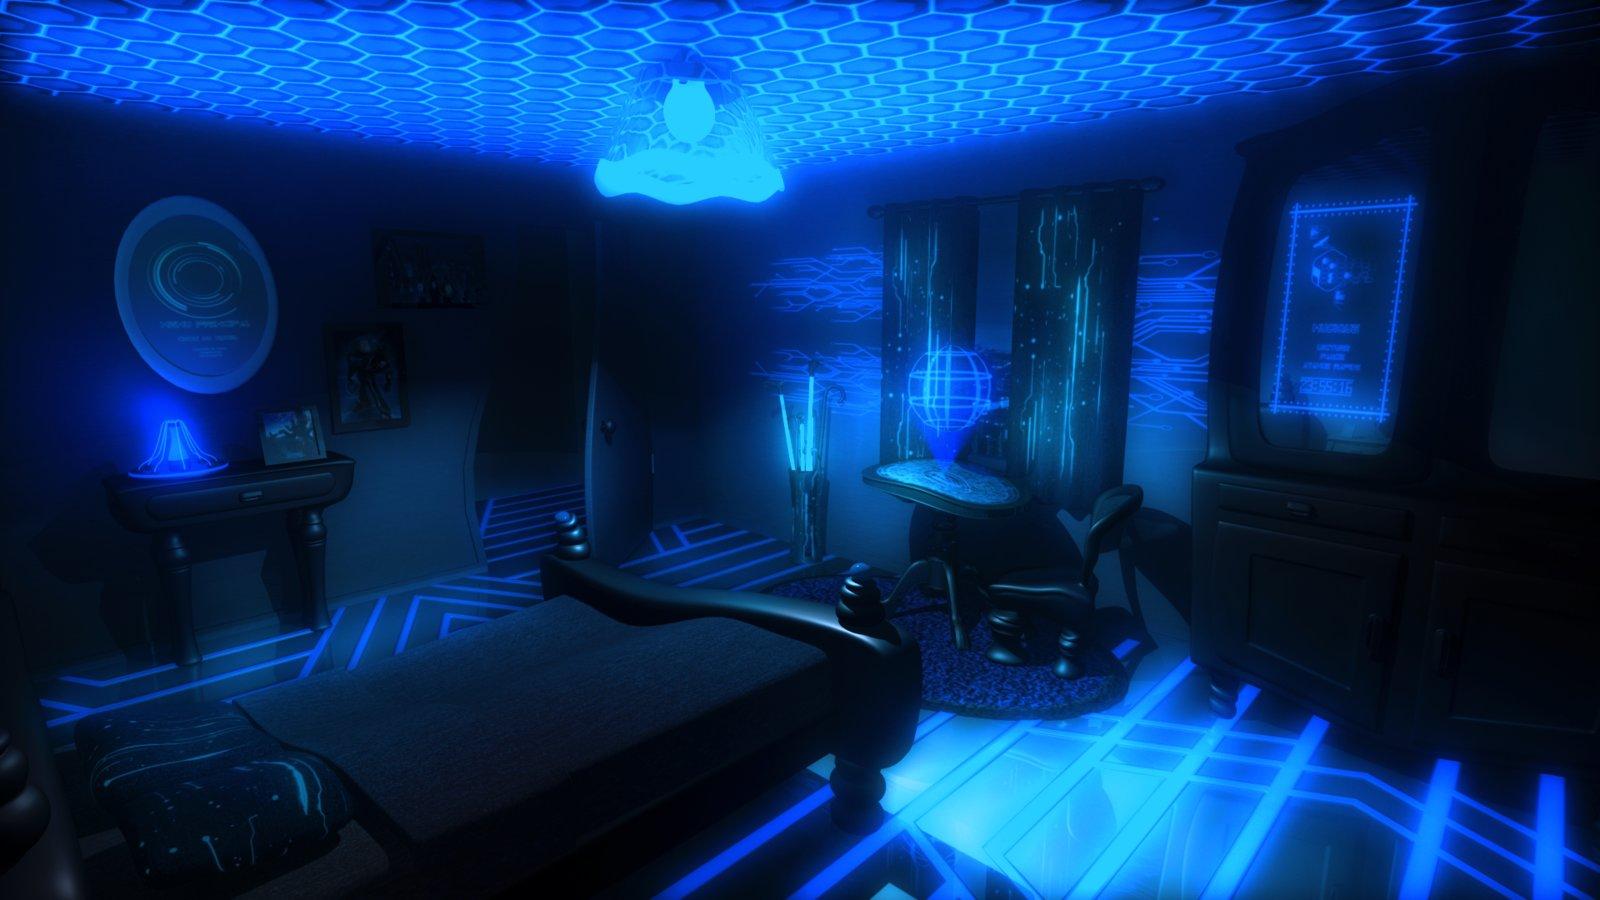 Futurist cartoon room